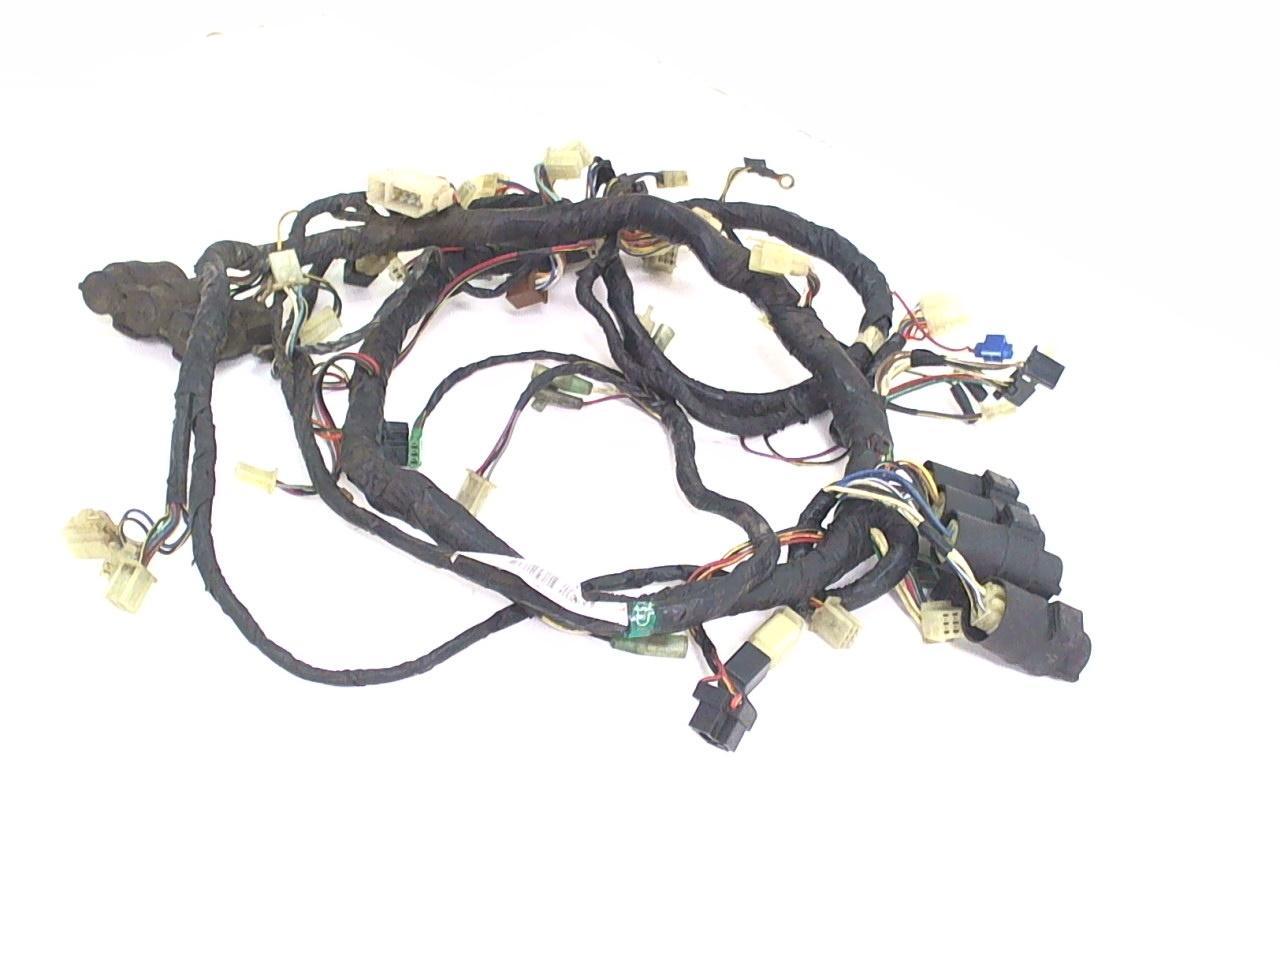 kawasaki 26001 1892 main wiring harness kawasaki 26001 1892 main wiring harness